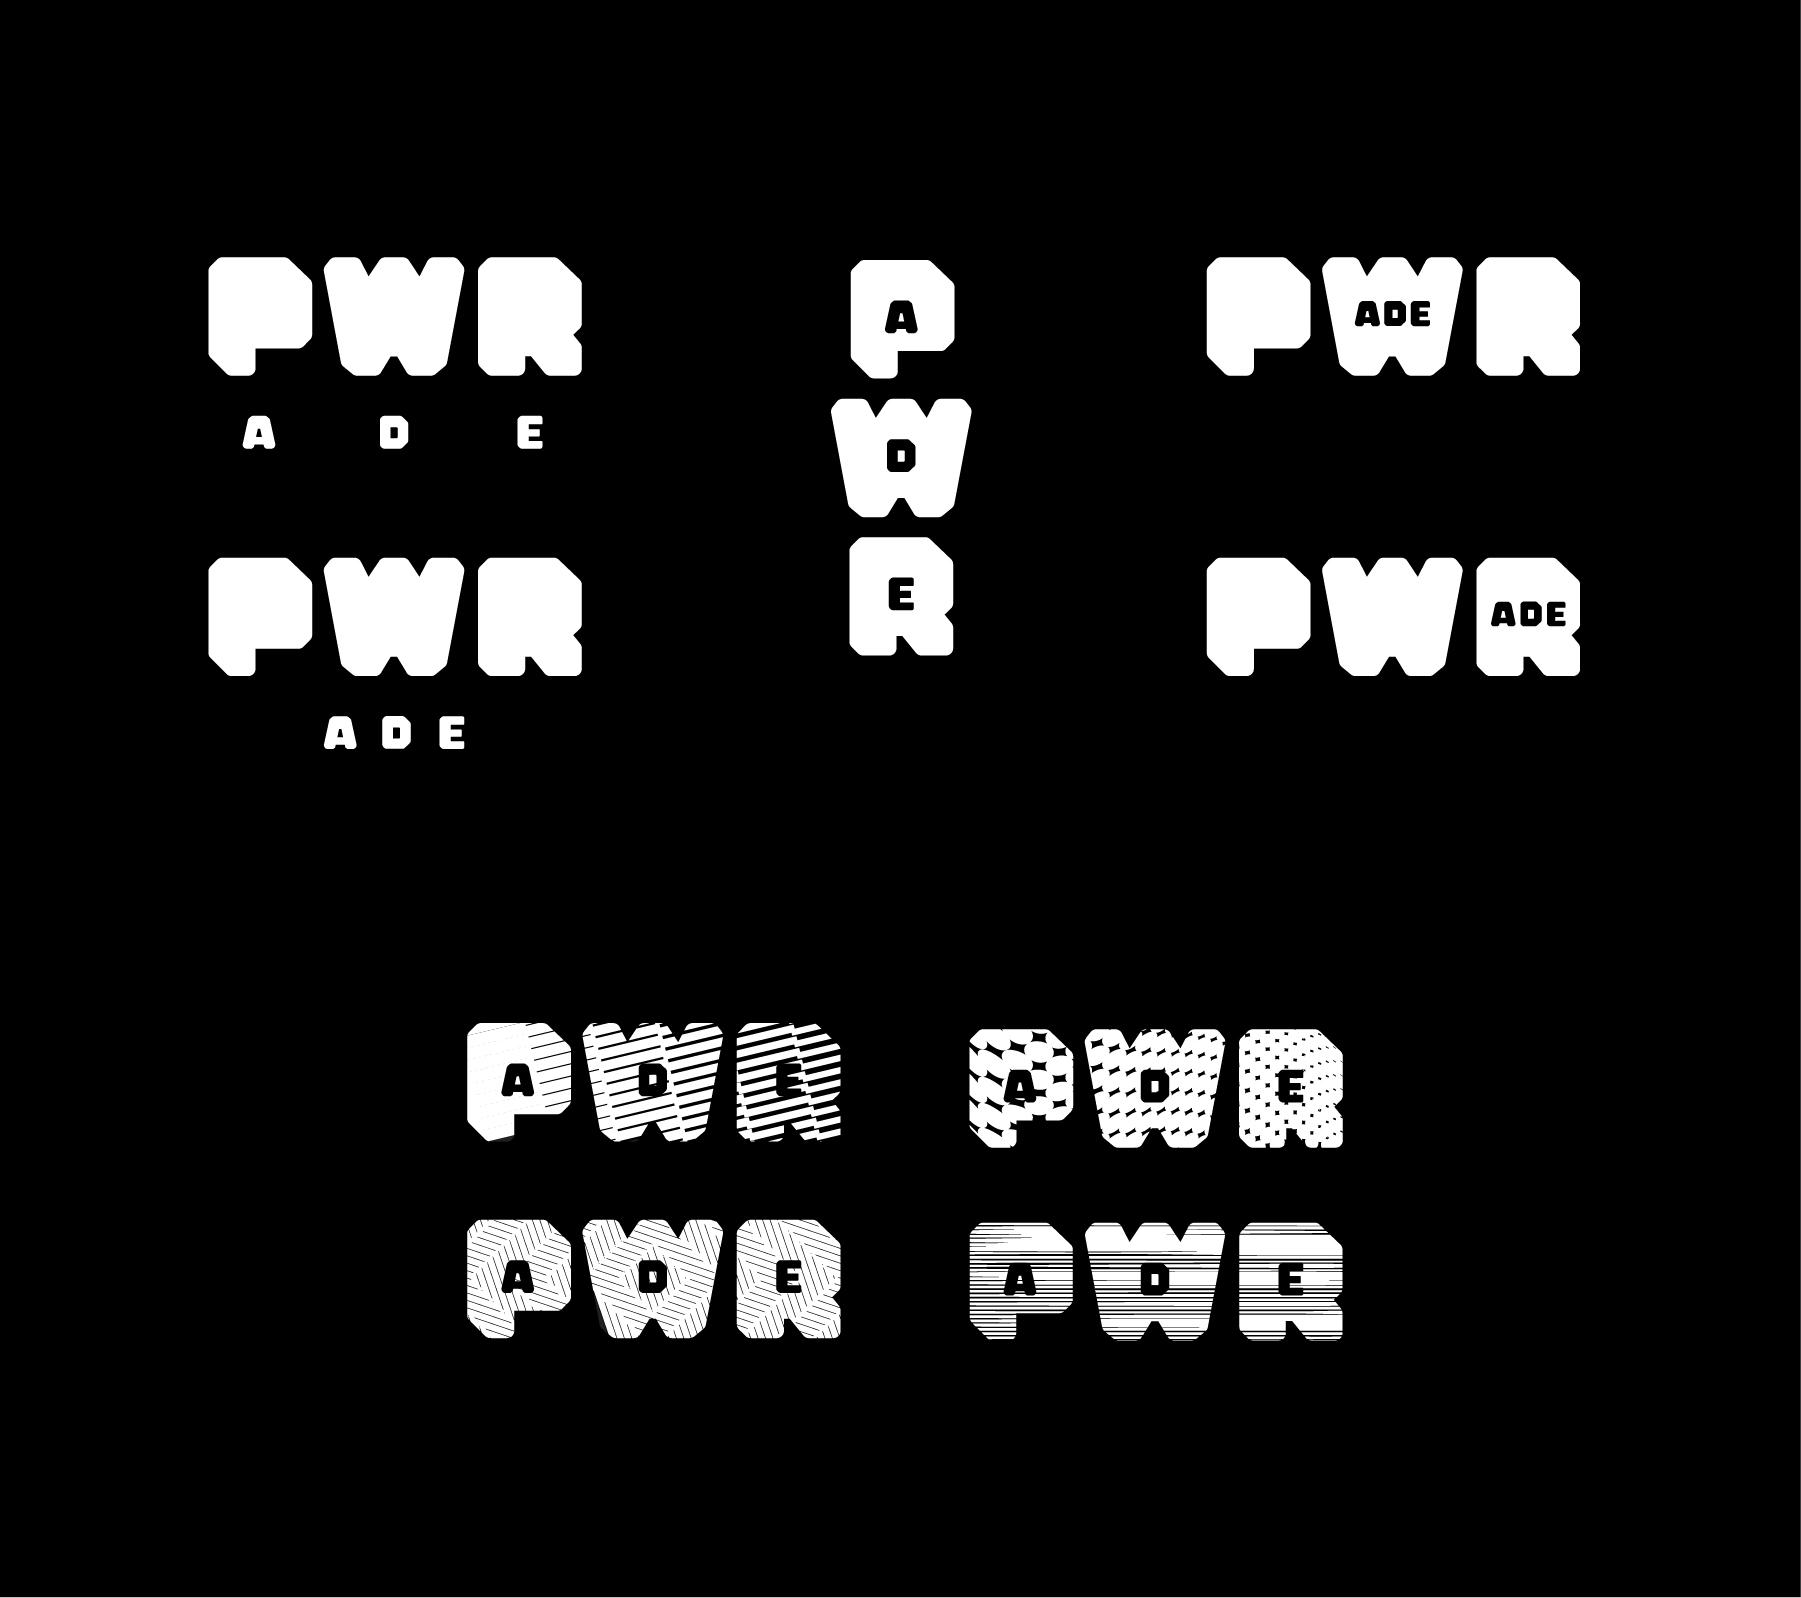 PWA_Rd5_Chamfer_Branding_106b-09.jpg